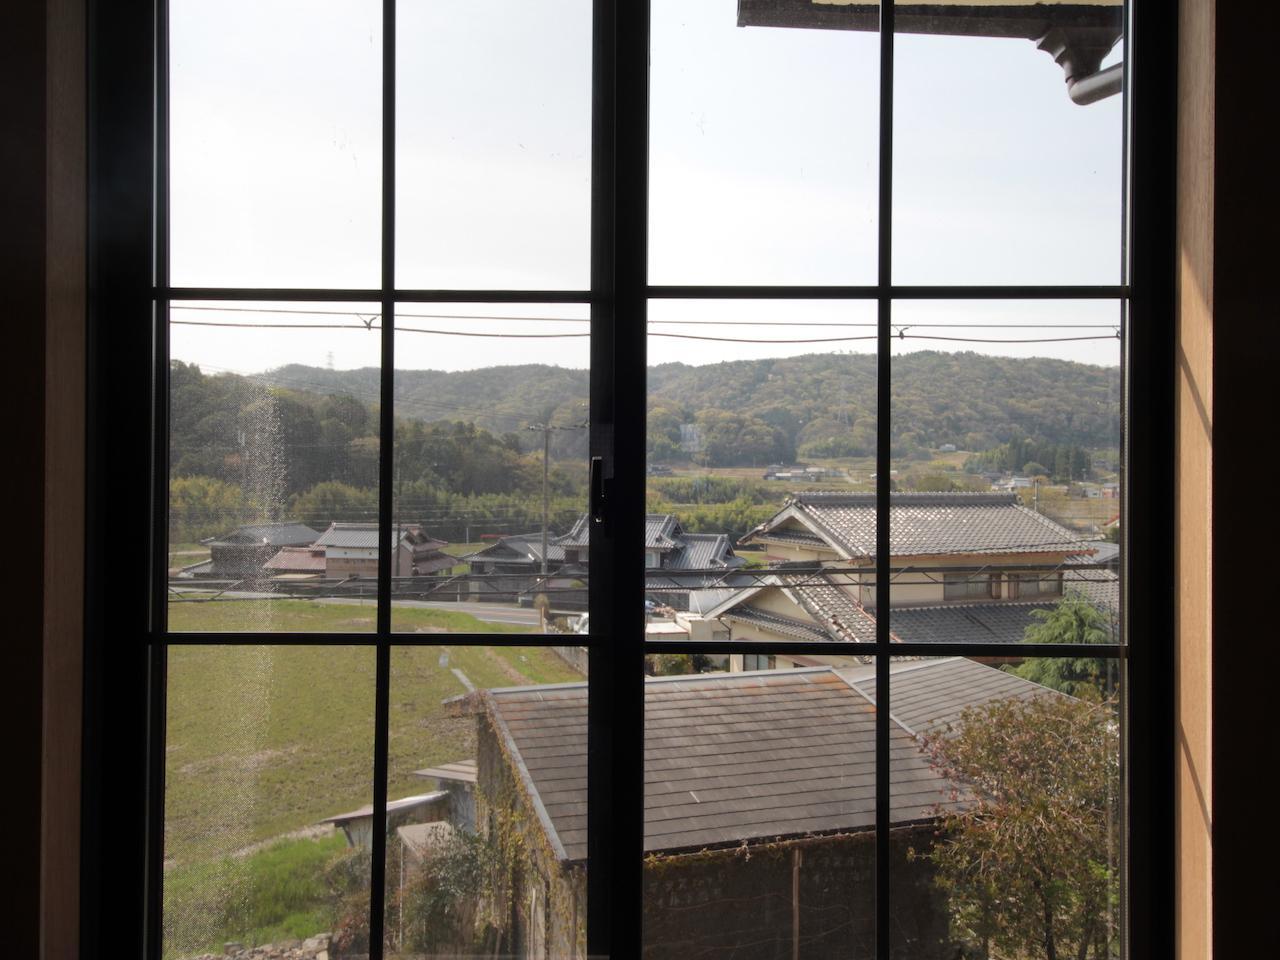 窓からは農村の穏やかな風景